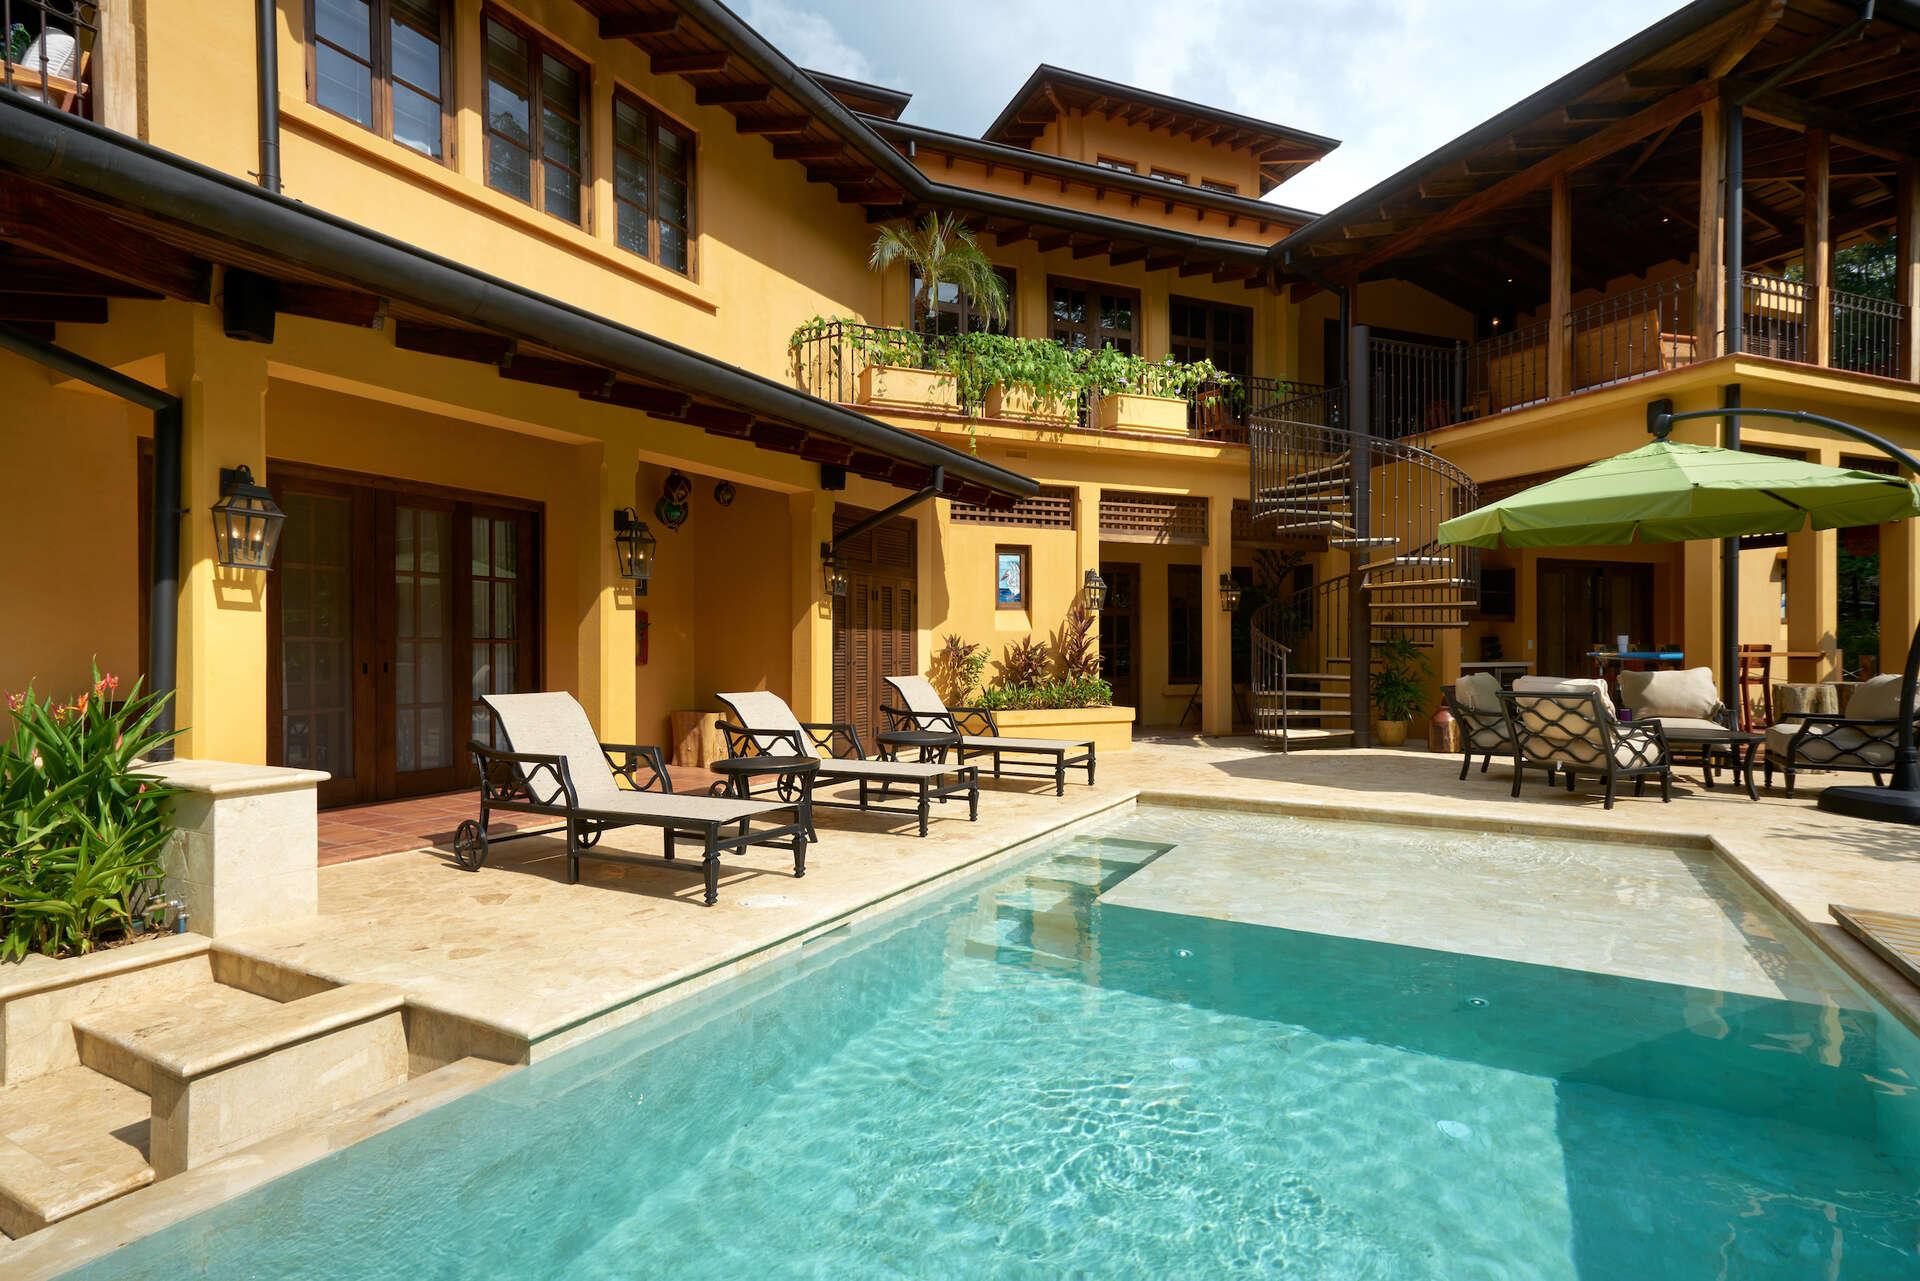 Central america villa rentals - Costa rica - Guanacaste - Las catalinas - Casa Pelicano - Image 1/44